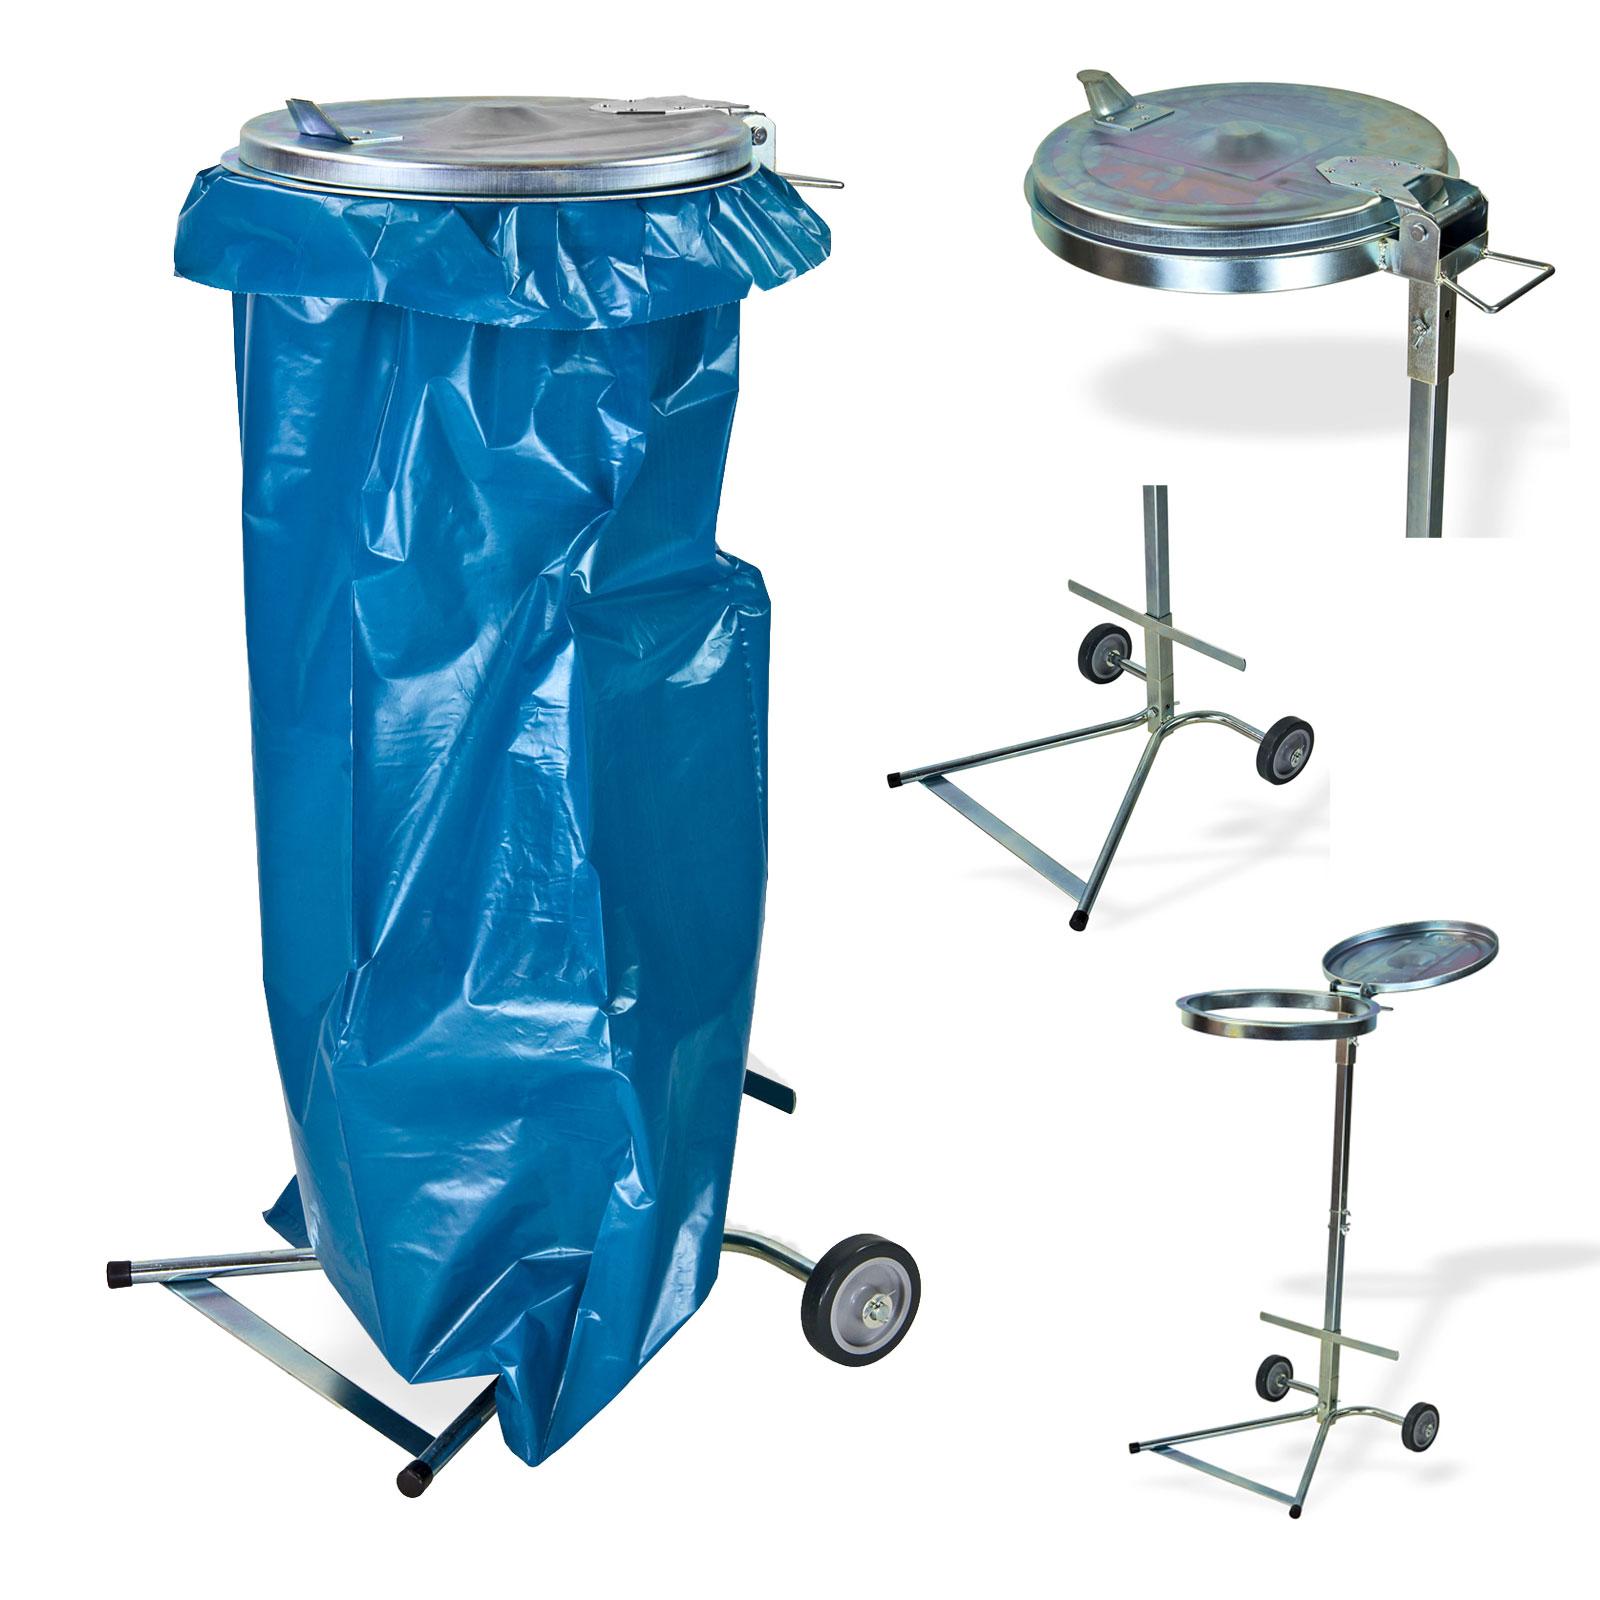 Dema Metall Müllsackständer / Abfallsammler Set mit 2 Rollen Mülsäcke 15079-15634x2